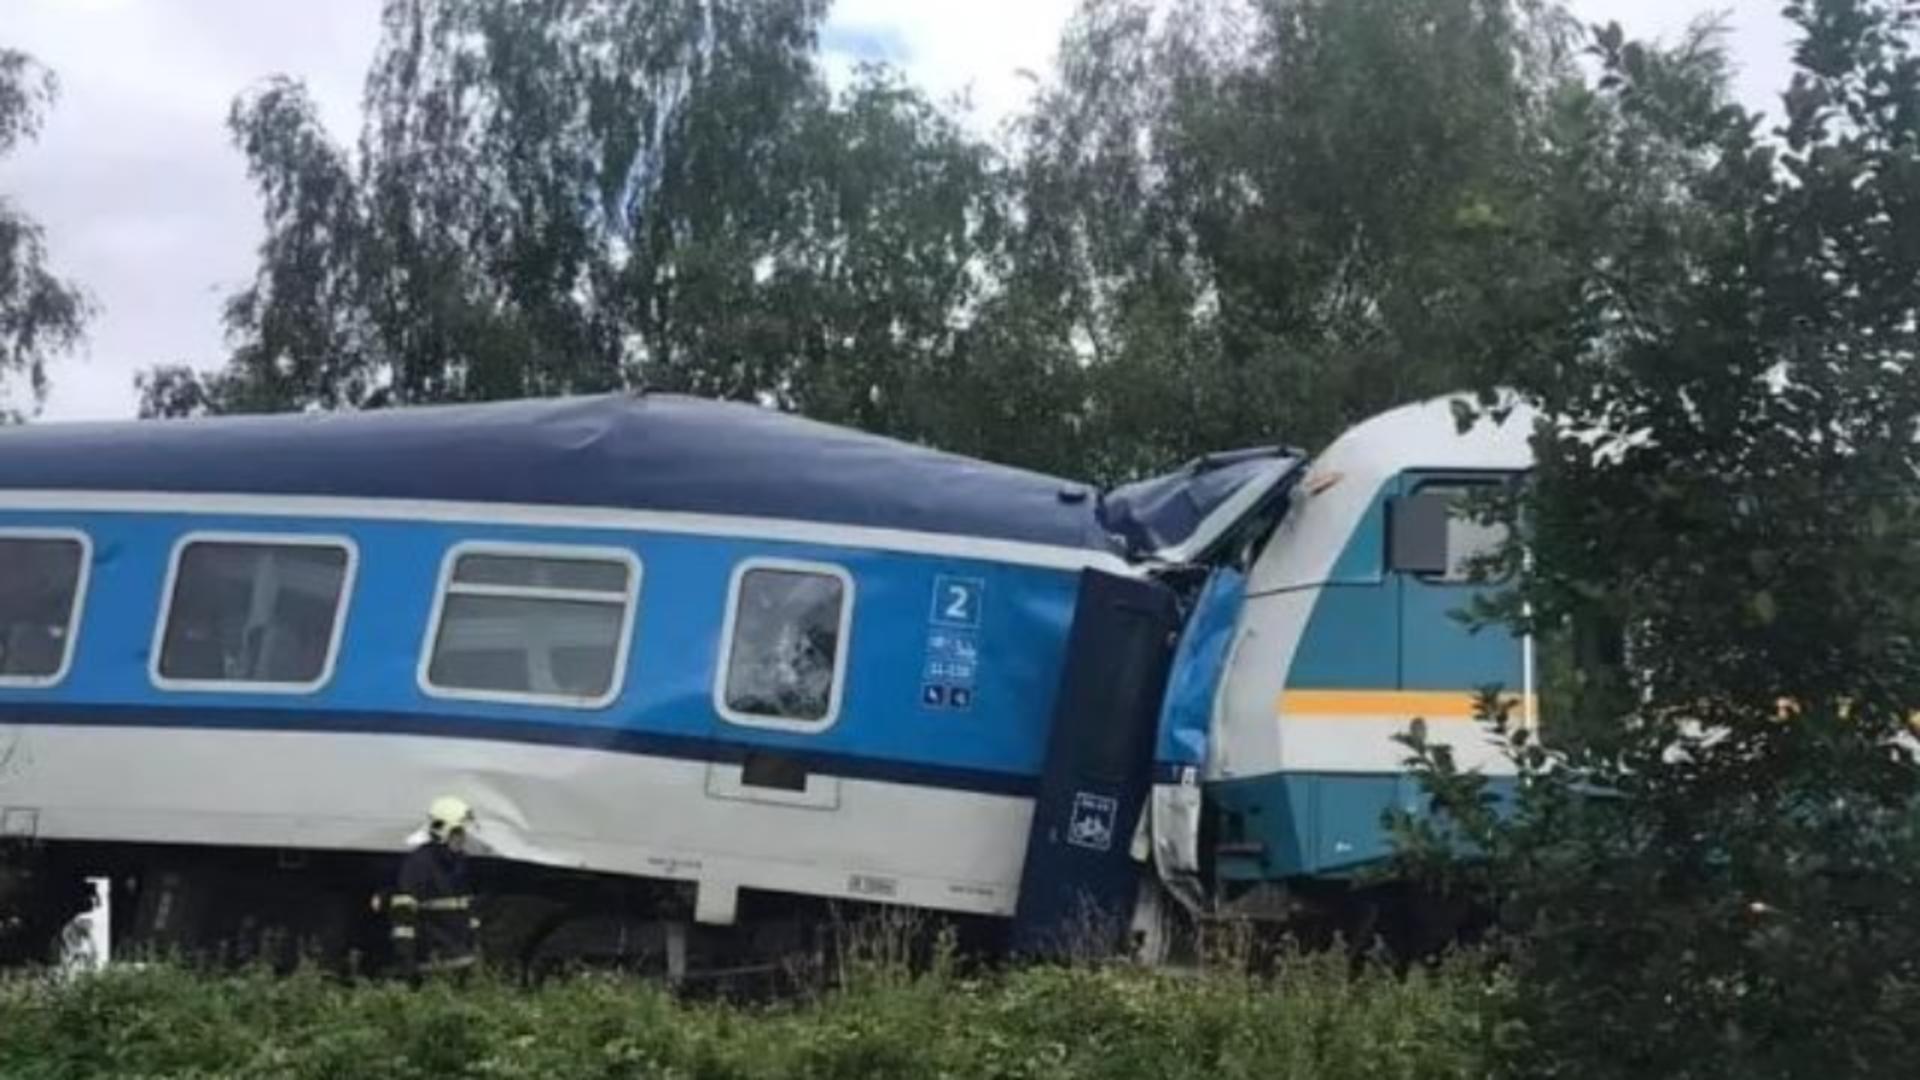 Tren deraiat (foto arhiva)